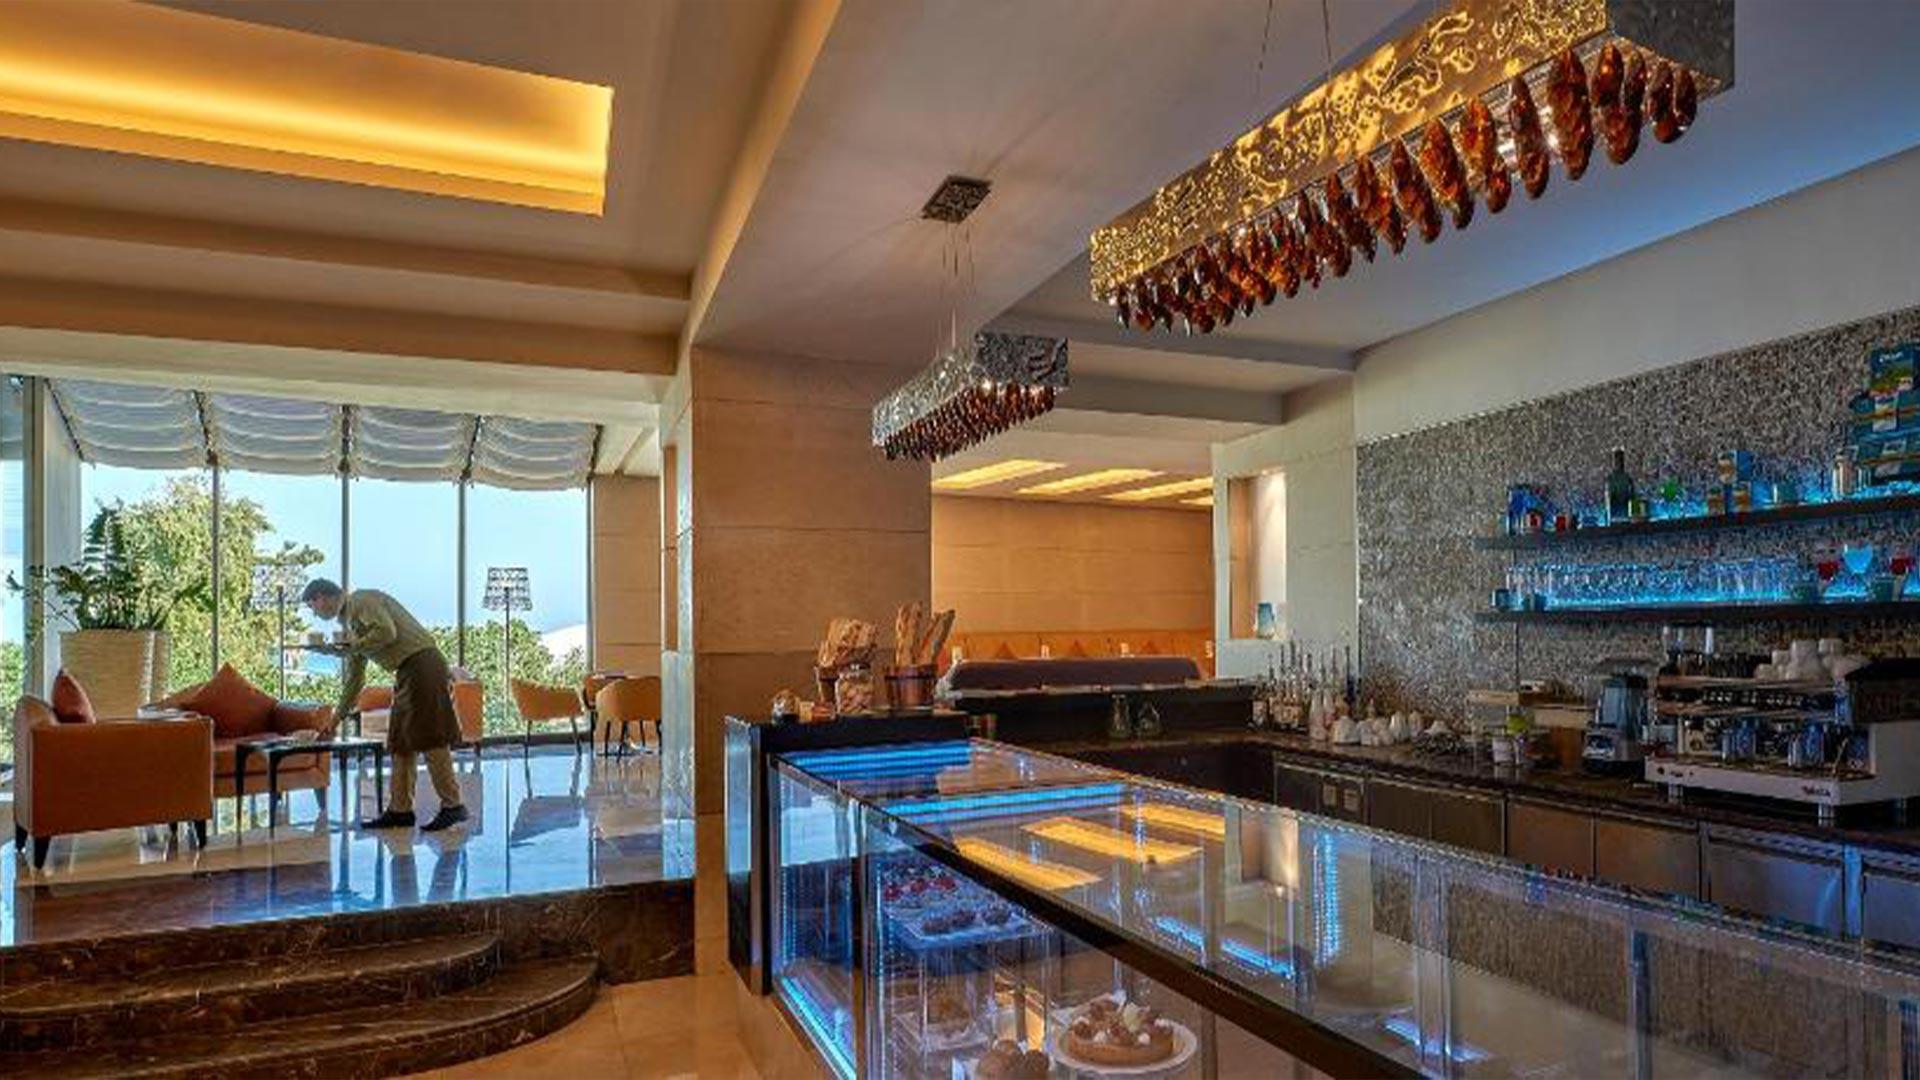 Safir Hotel Fintas, Kuwait